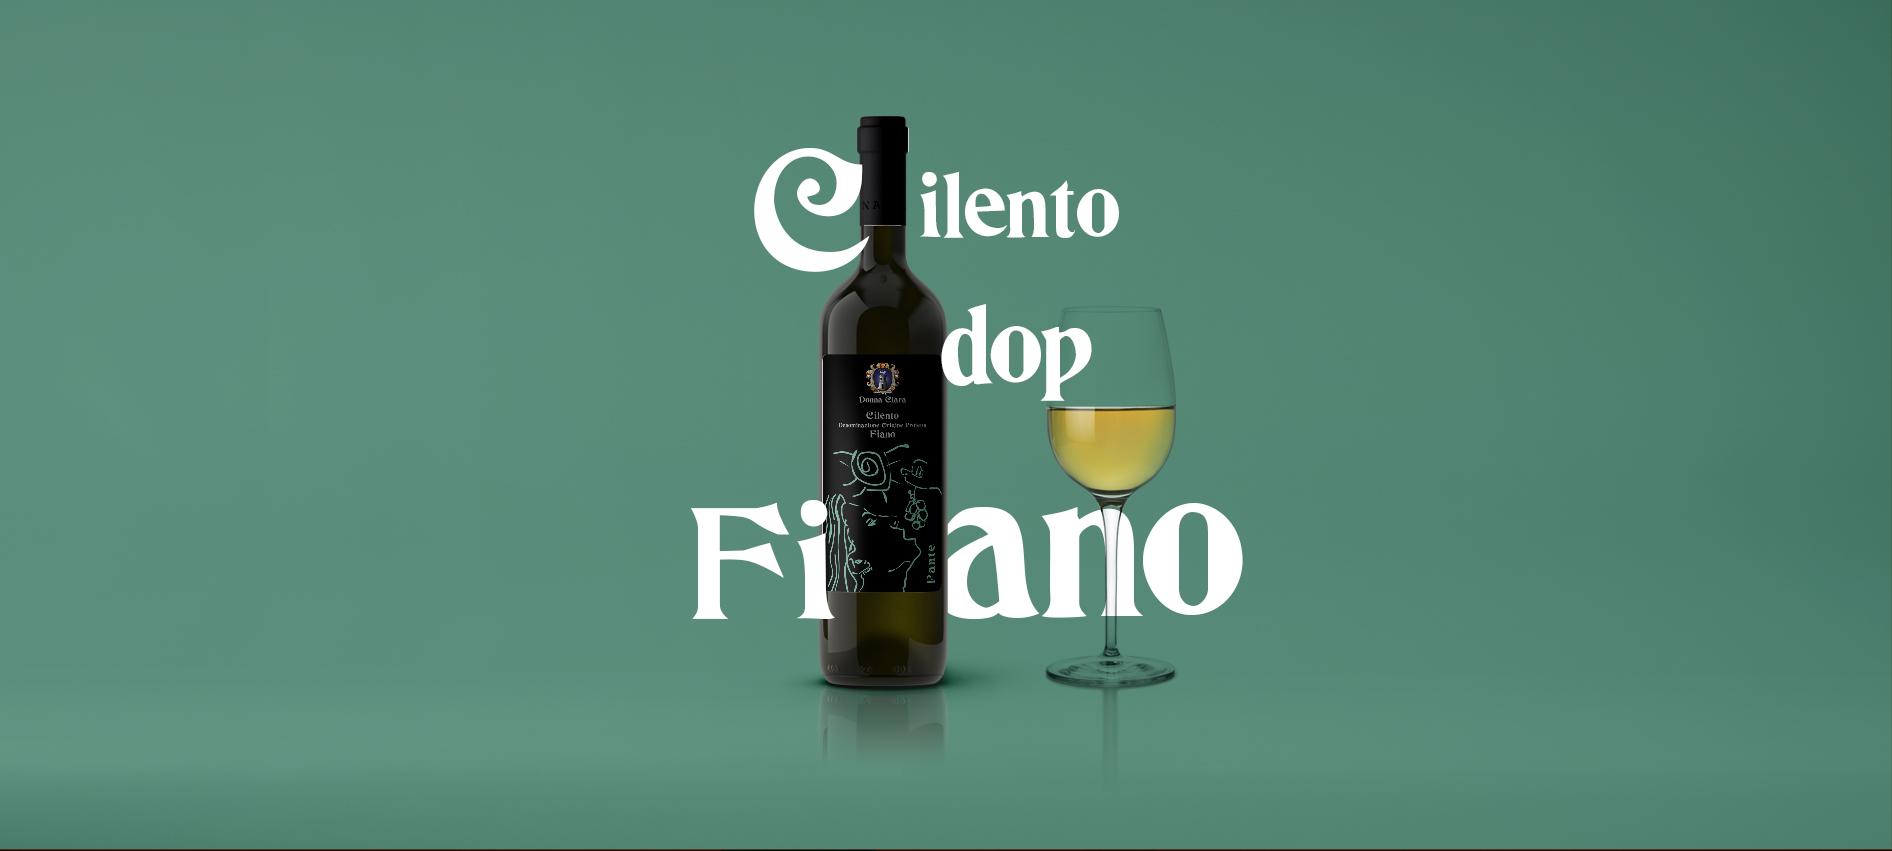 donnaclara_fiano_dop